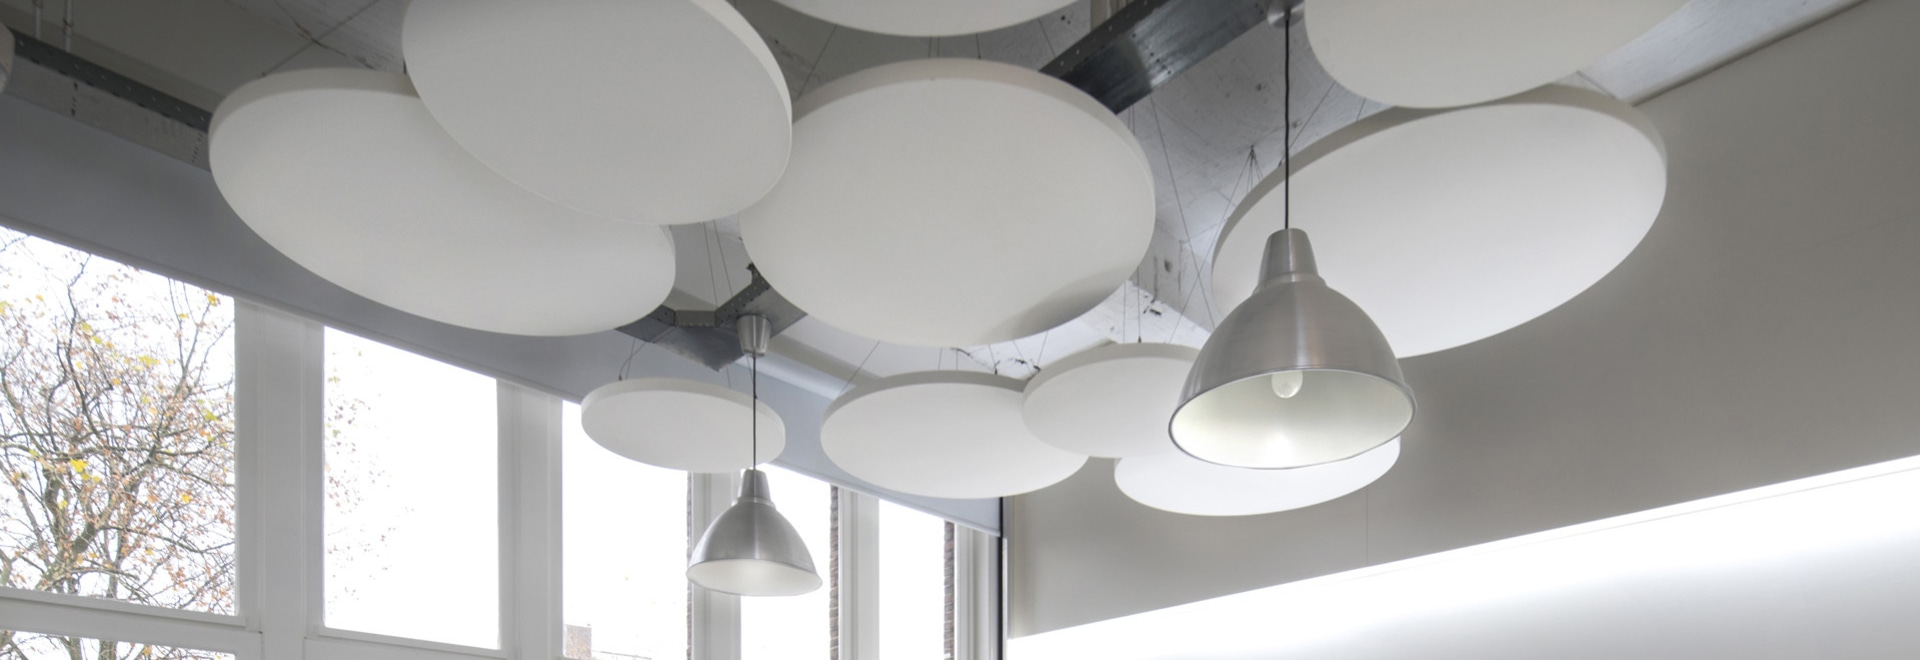 Zattere circolari acustiche del soffitto della classe